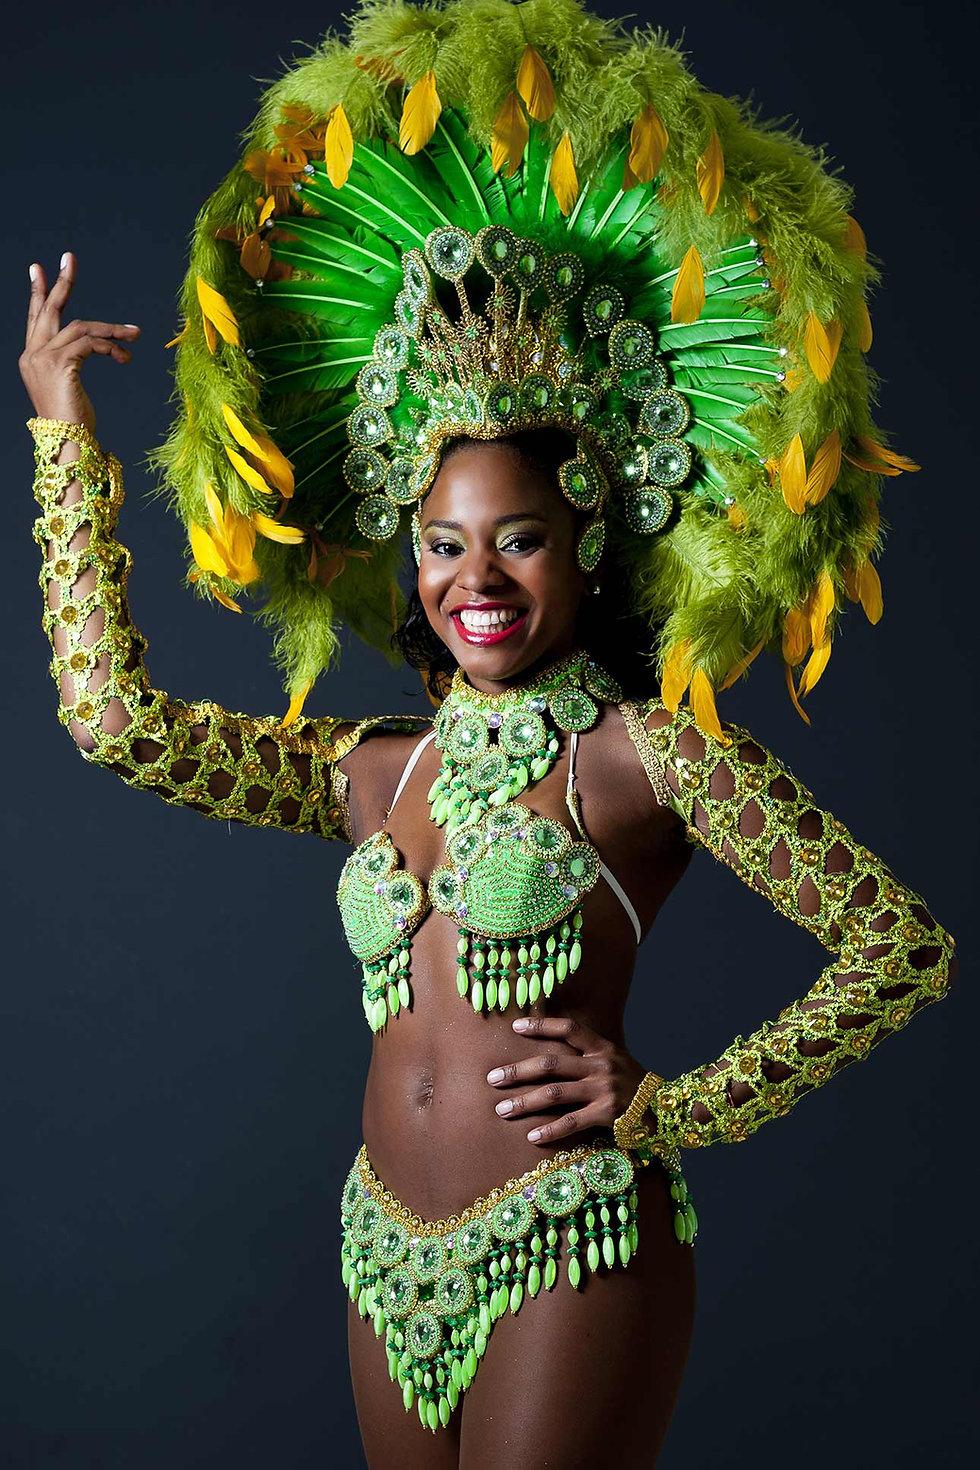 brazilian-culture